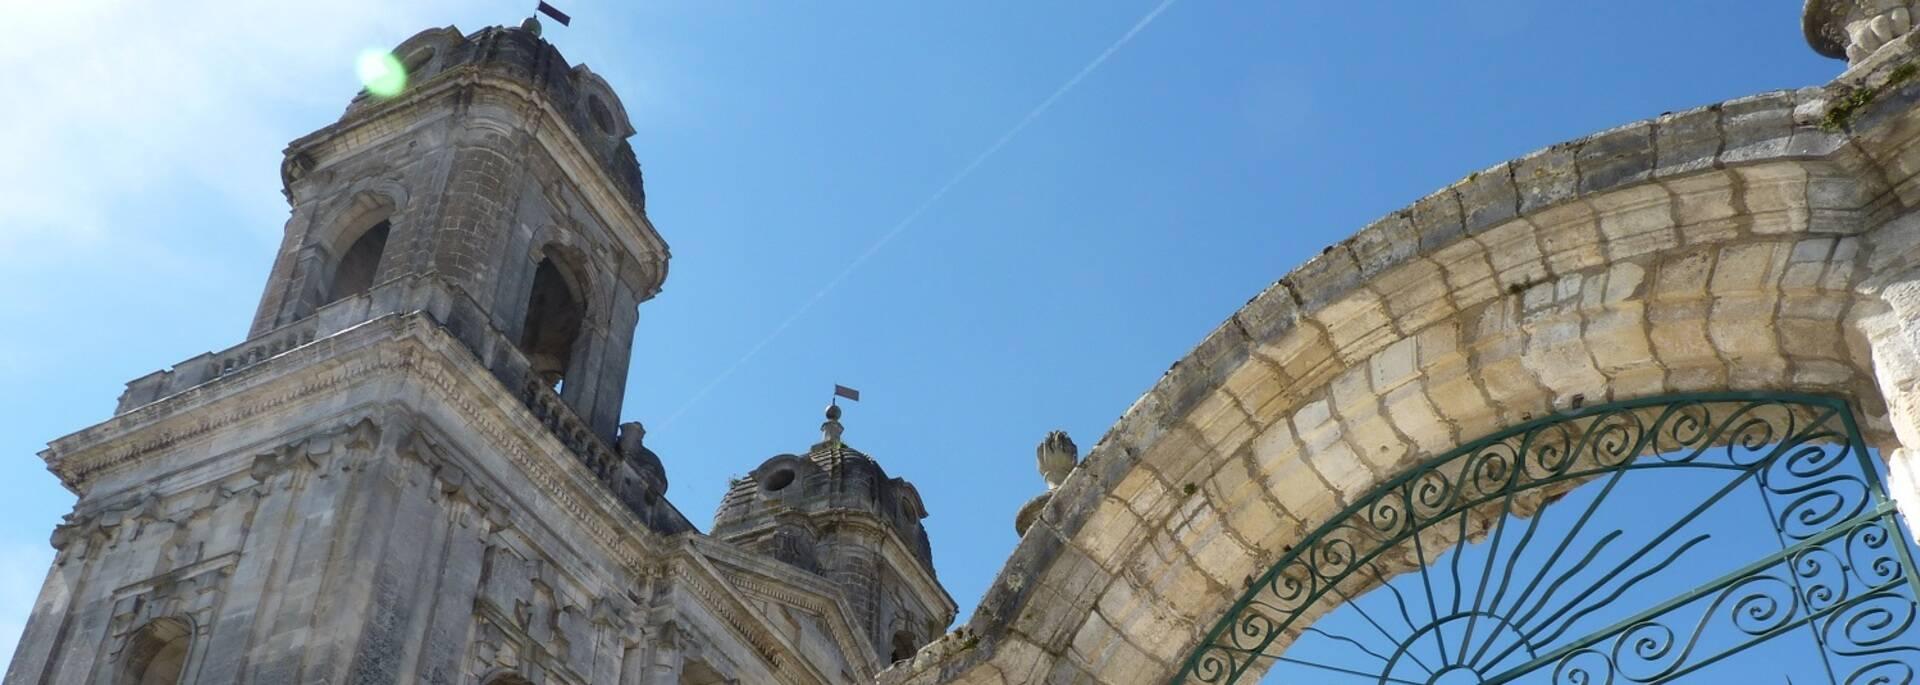 Abbaye Royale de Saint-Jean d'Angély - ©P.Migaud / FDHPA17